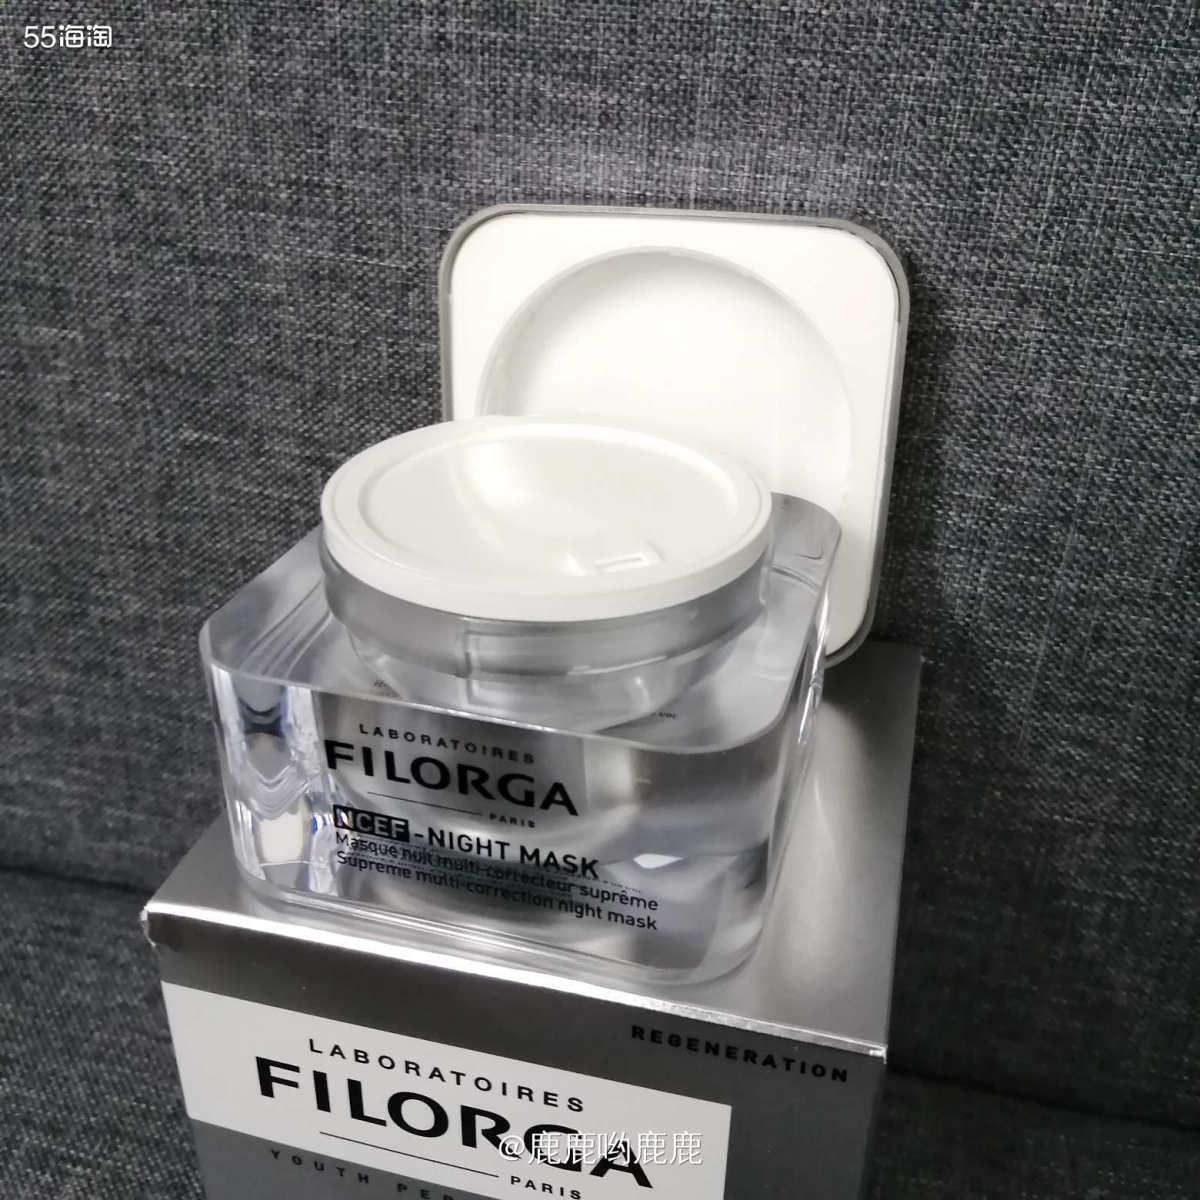 菲洛嘉血清再生水光睡眠面膜测评来啦❤  非常感谢55和金主霸